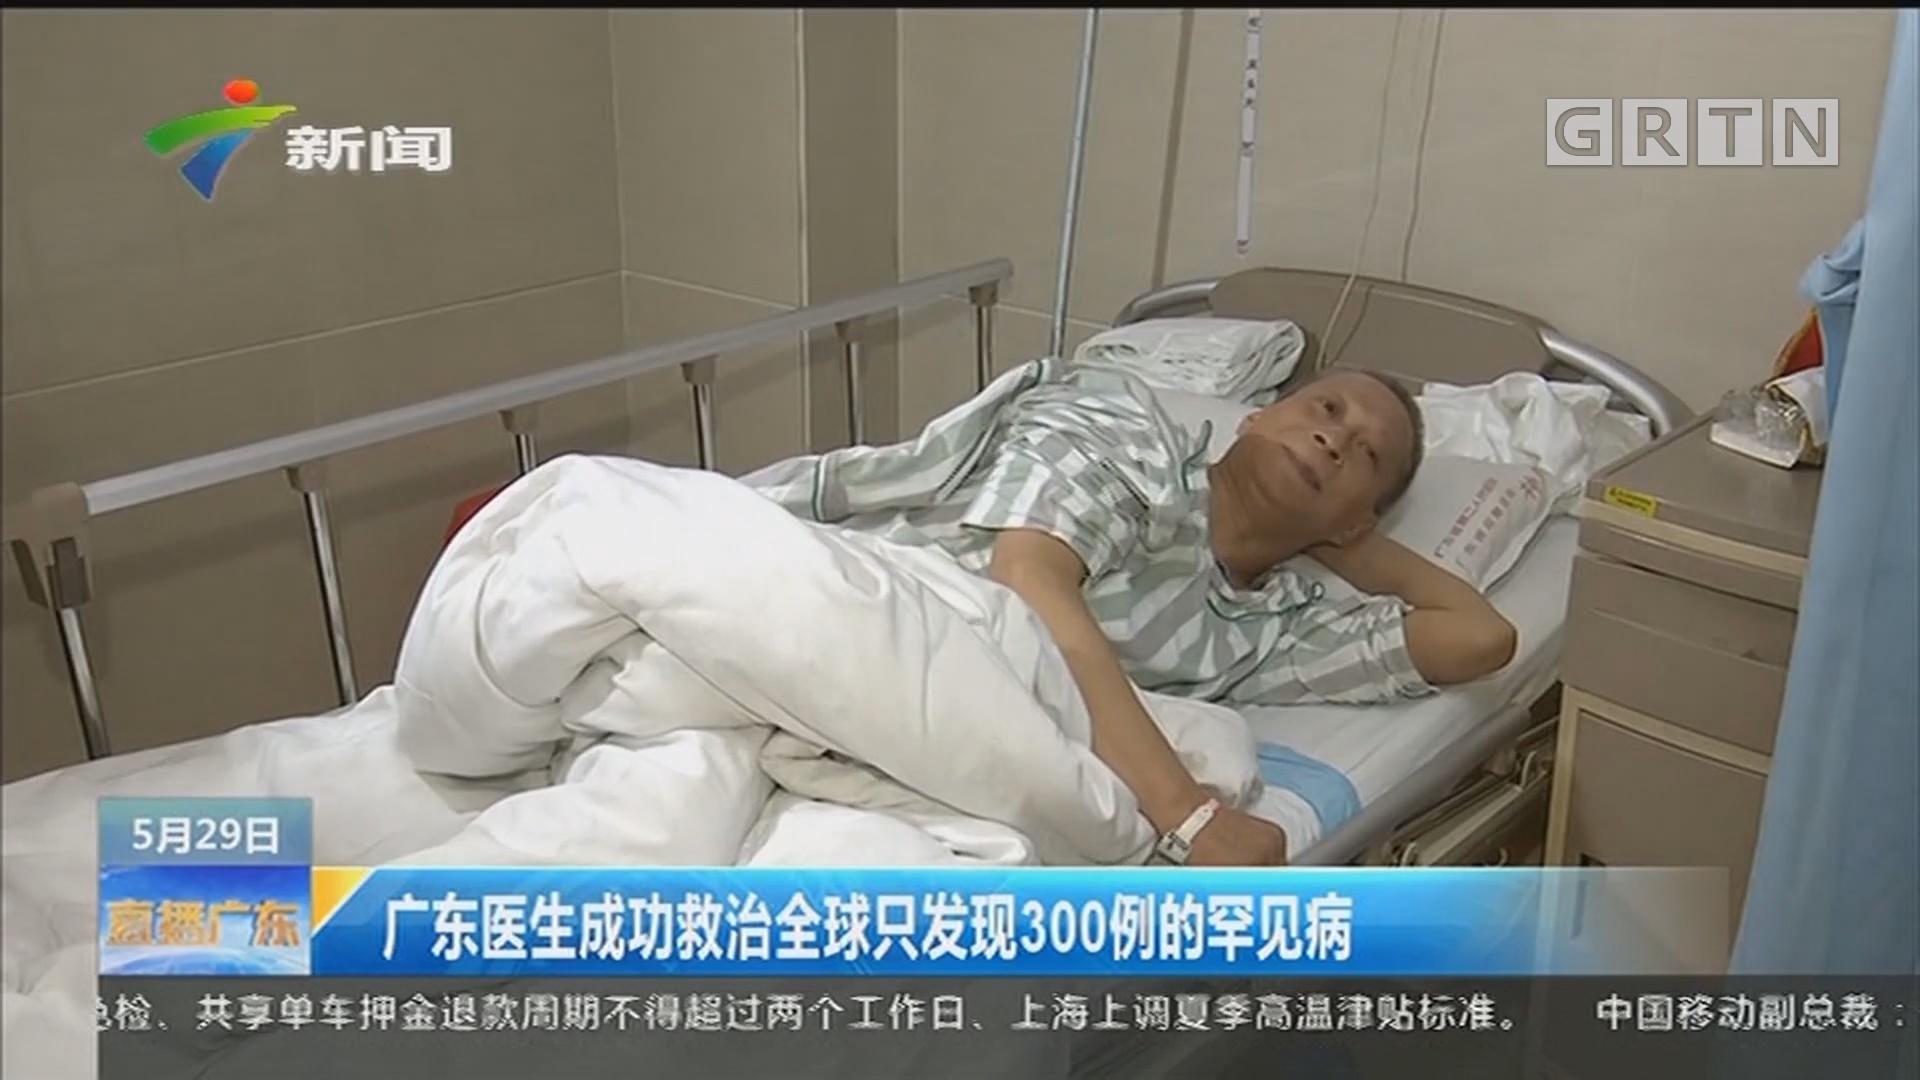 广东医生成功救治全球只发现300例的罕见病